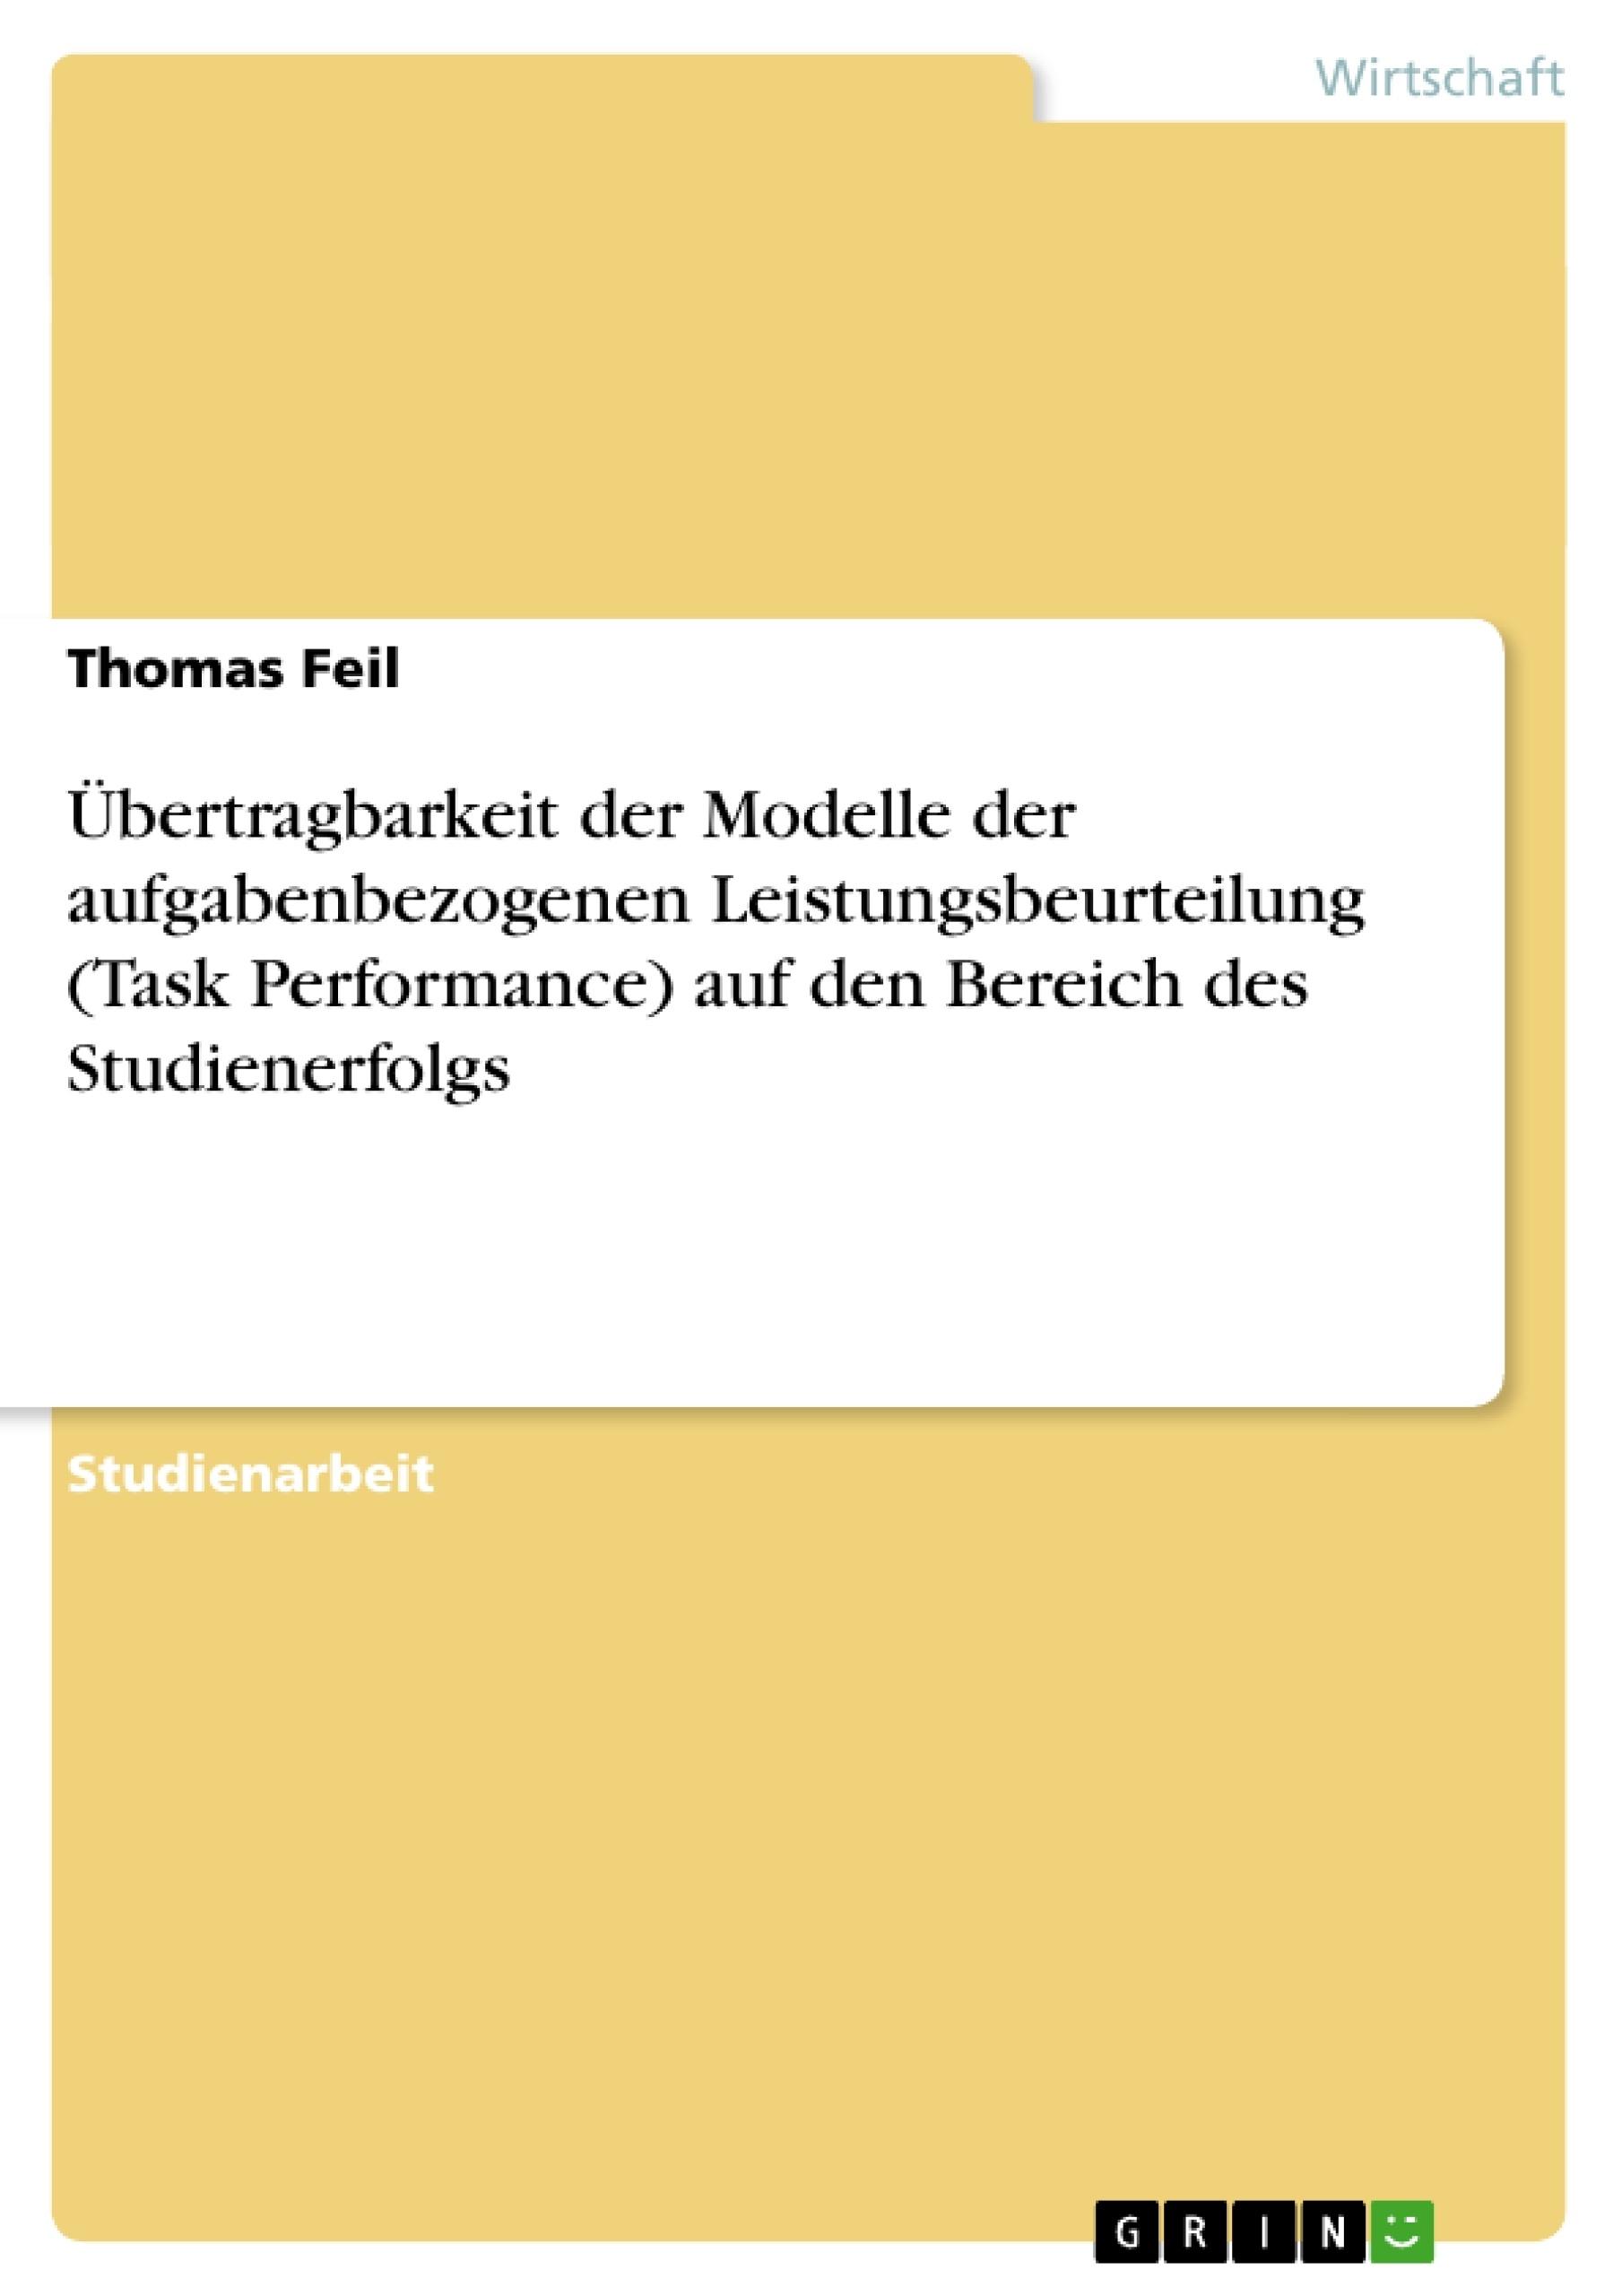 Titel: Übertragbarkeit der Modelle der aufgabenbezogenen Leistungsbeurteilung (Task Performance) auf den Bereich des Studienerfolgs